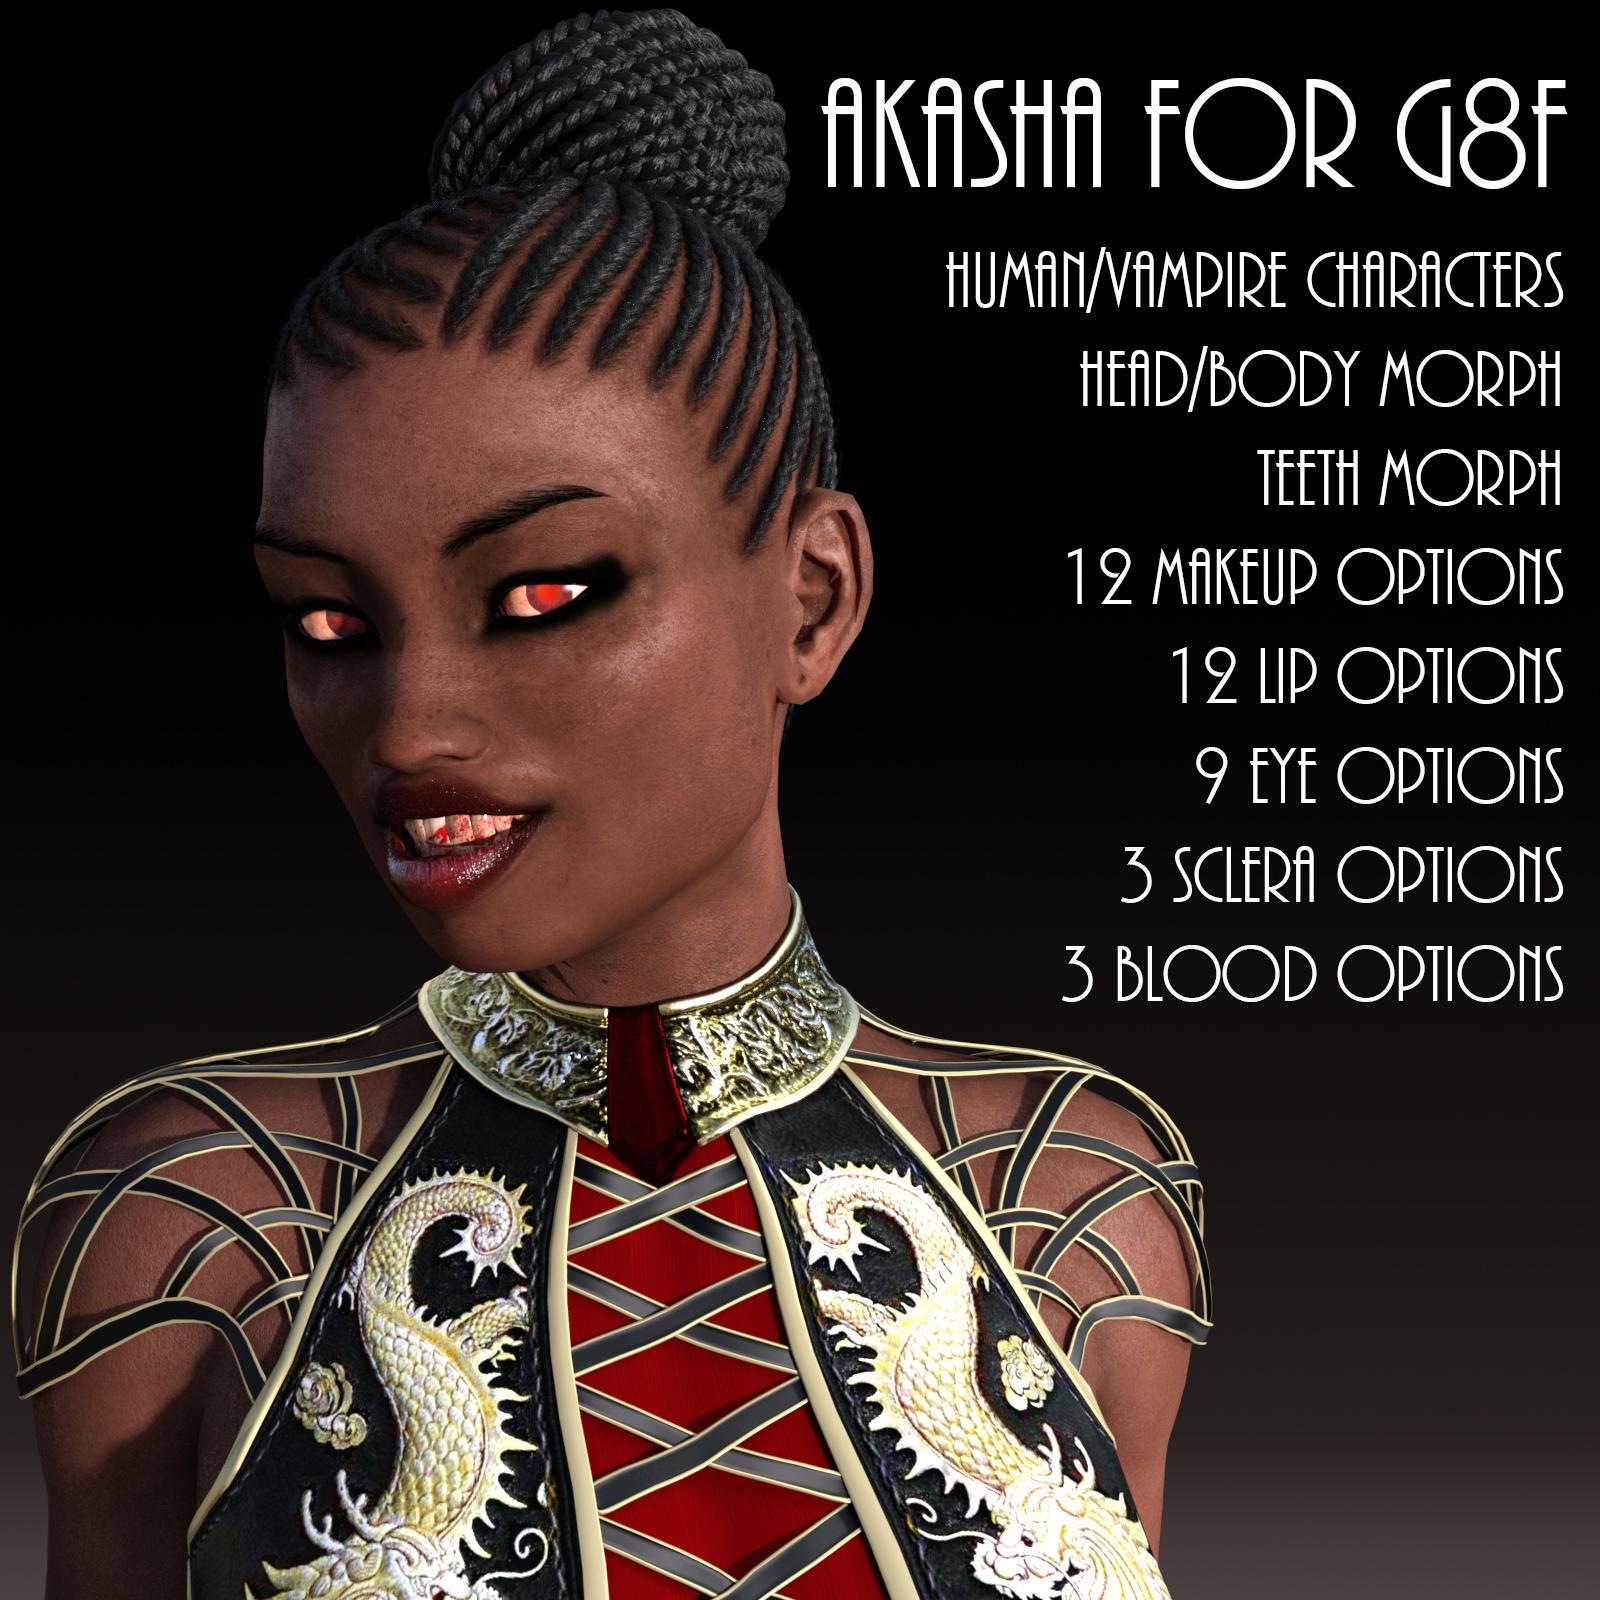 akasha-for-g8f